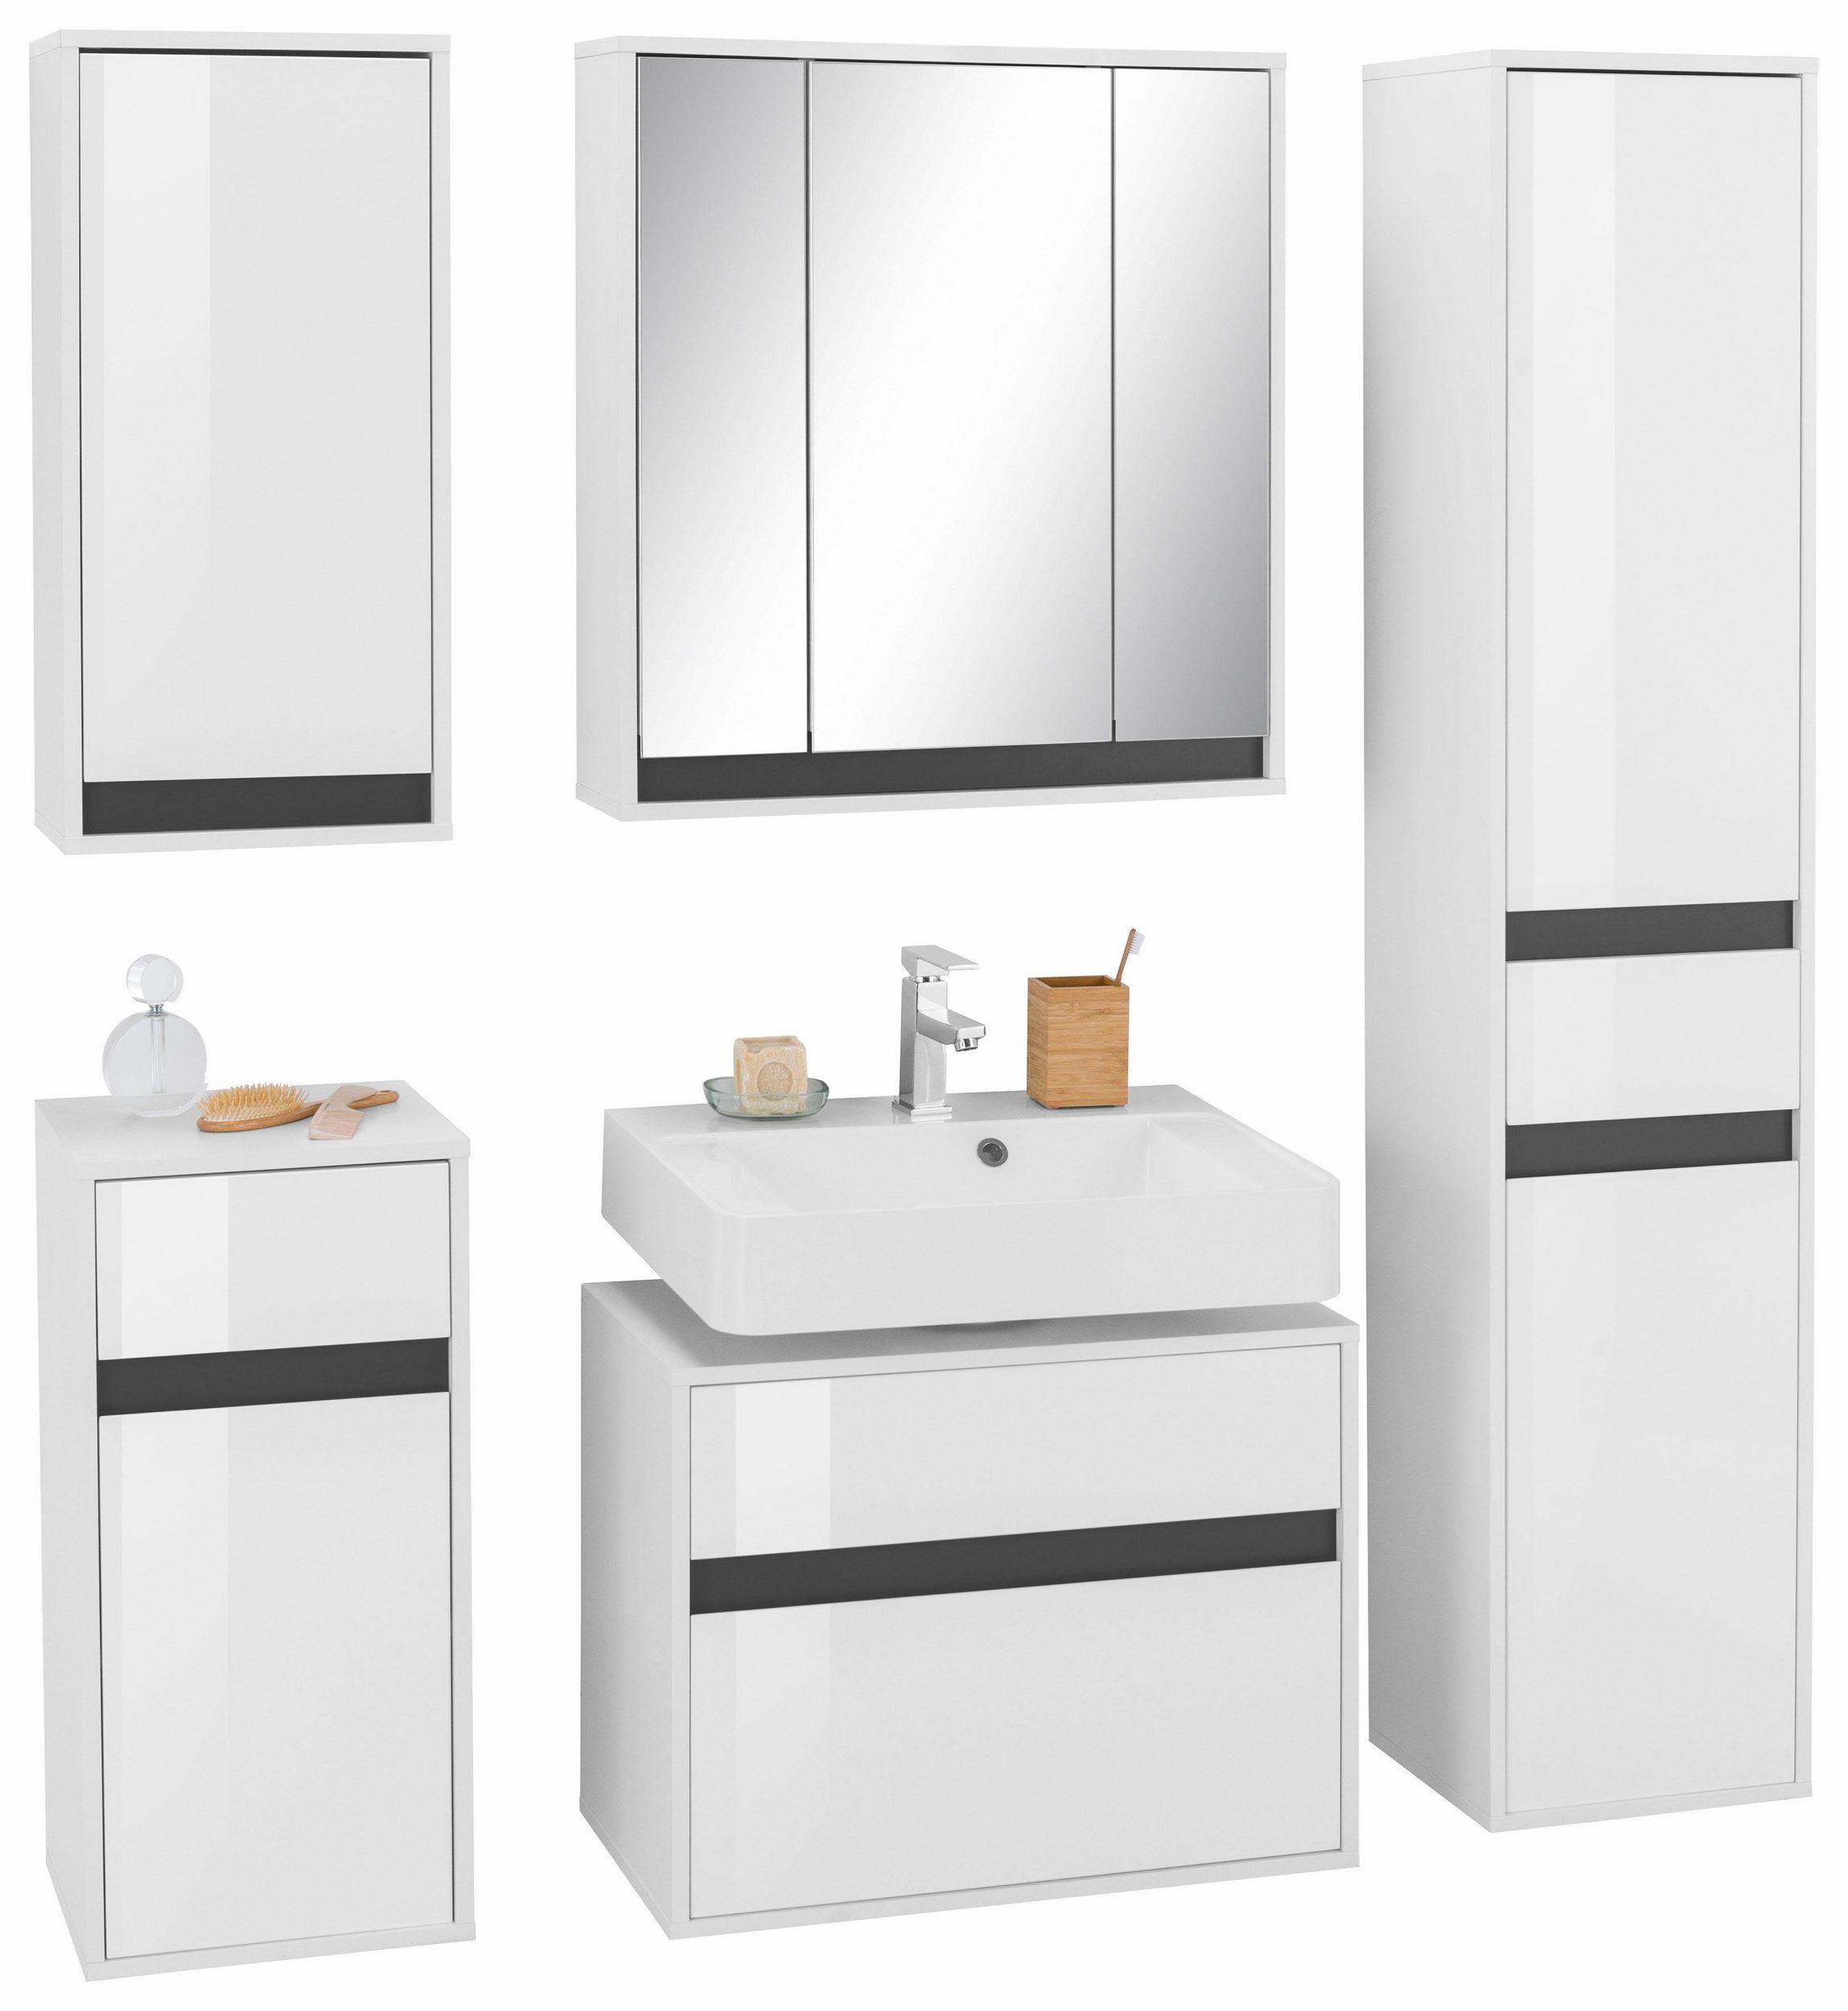 30 sparen badm bel set sol 5 teilig nur 399 99 cherry m bel otto. Black Bedroom Furniture Sets. Home Design Ideas